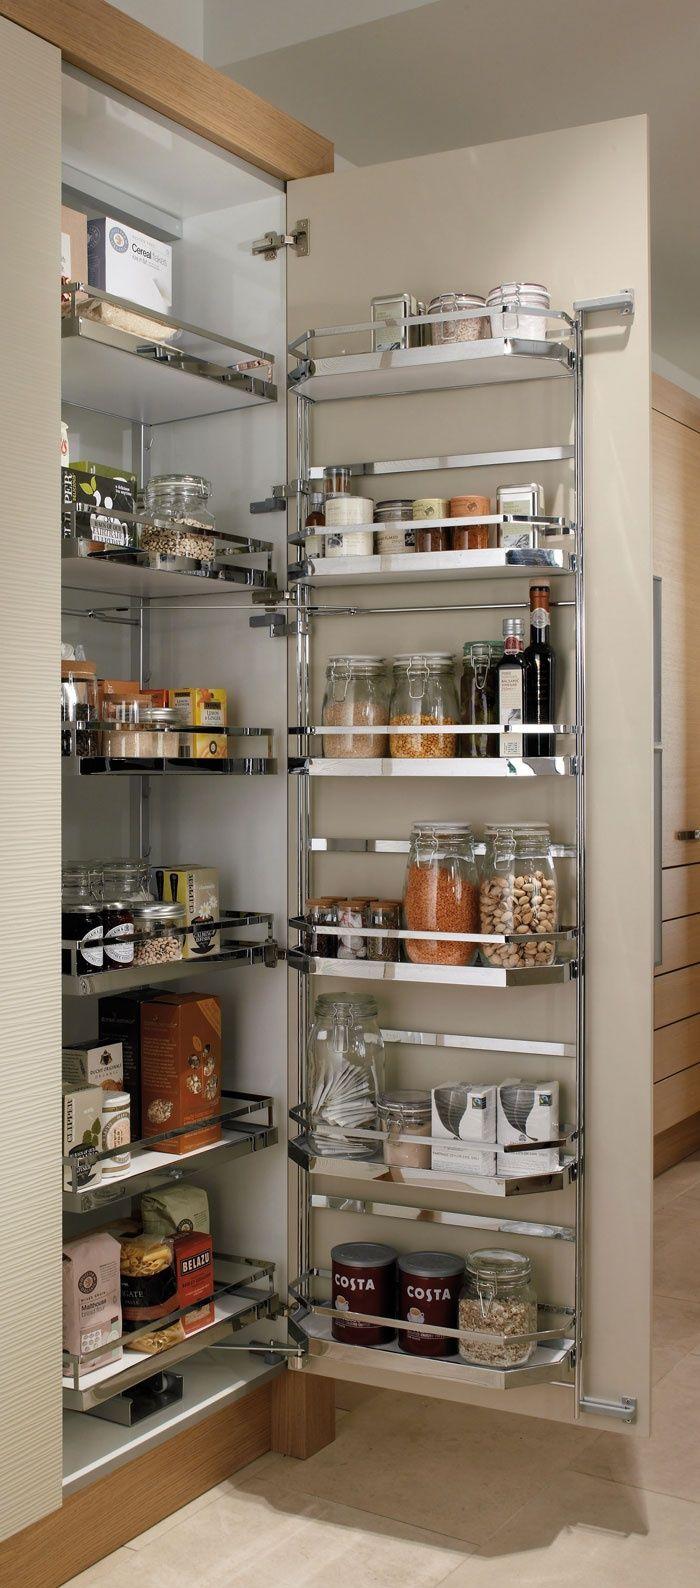 31 Amazing Storage Ideas For Small Kitchens Mit Bildern Kuchenschranke Organisieren Moderne Kuchenideen Kucheneckschrank